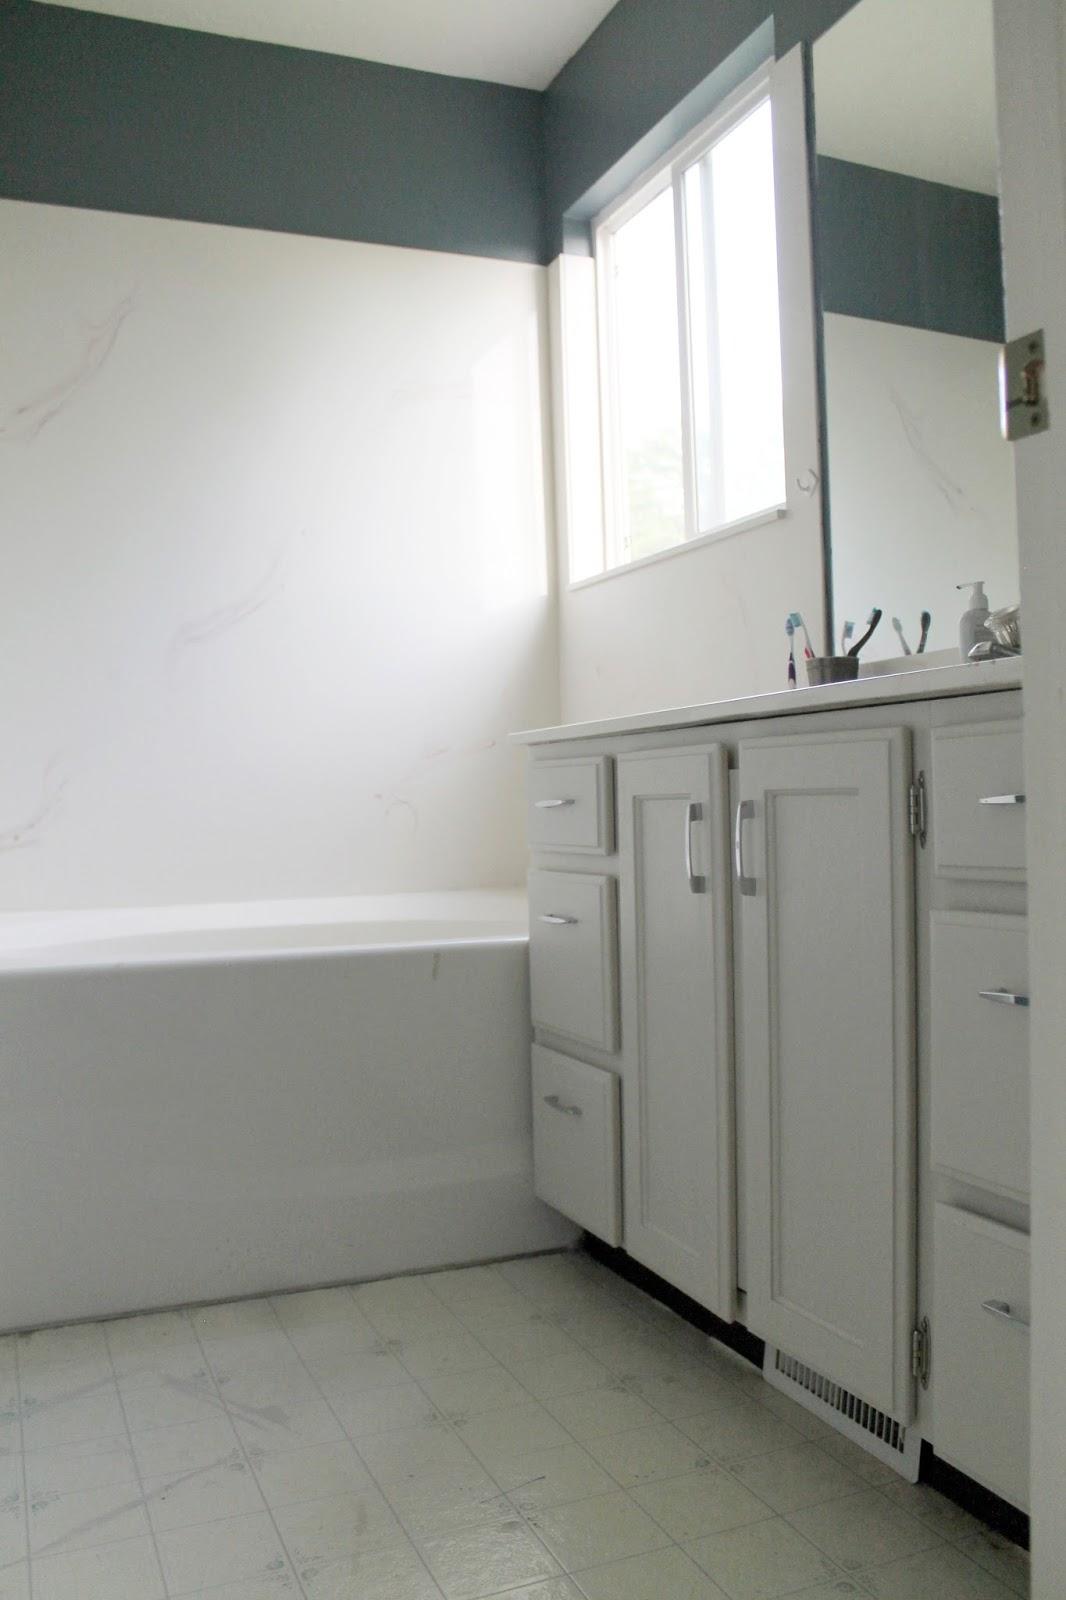 Peel and Stick Bathroom Floors - Chris Loves Julia